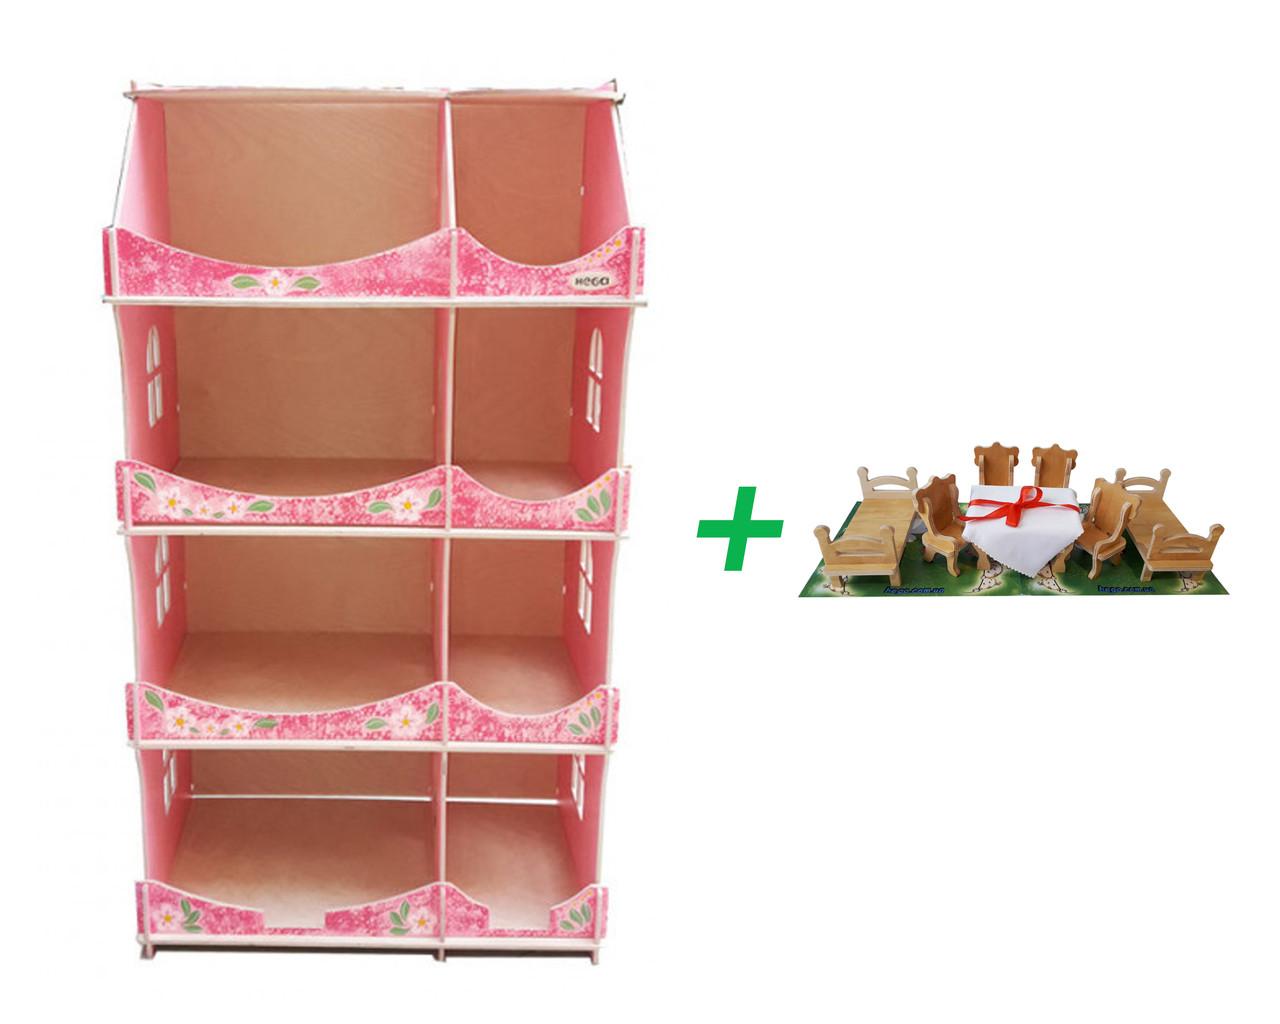 Кукольный домик-шкаф Hega с росписью мраморный (090B1) + Мебель для кукол (maxi набор) в подарок